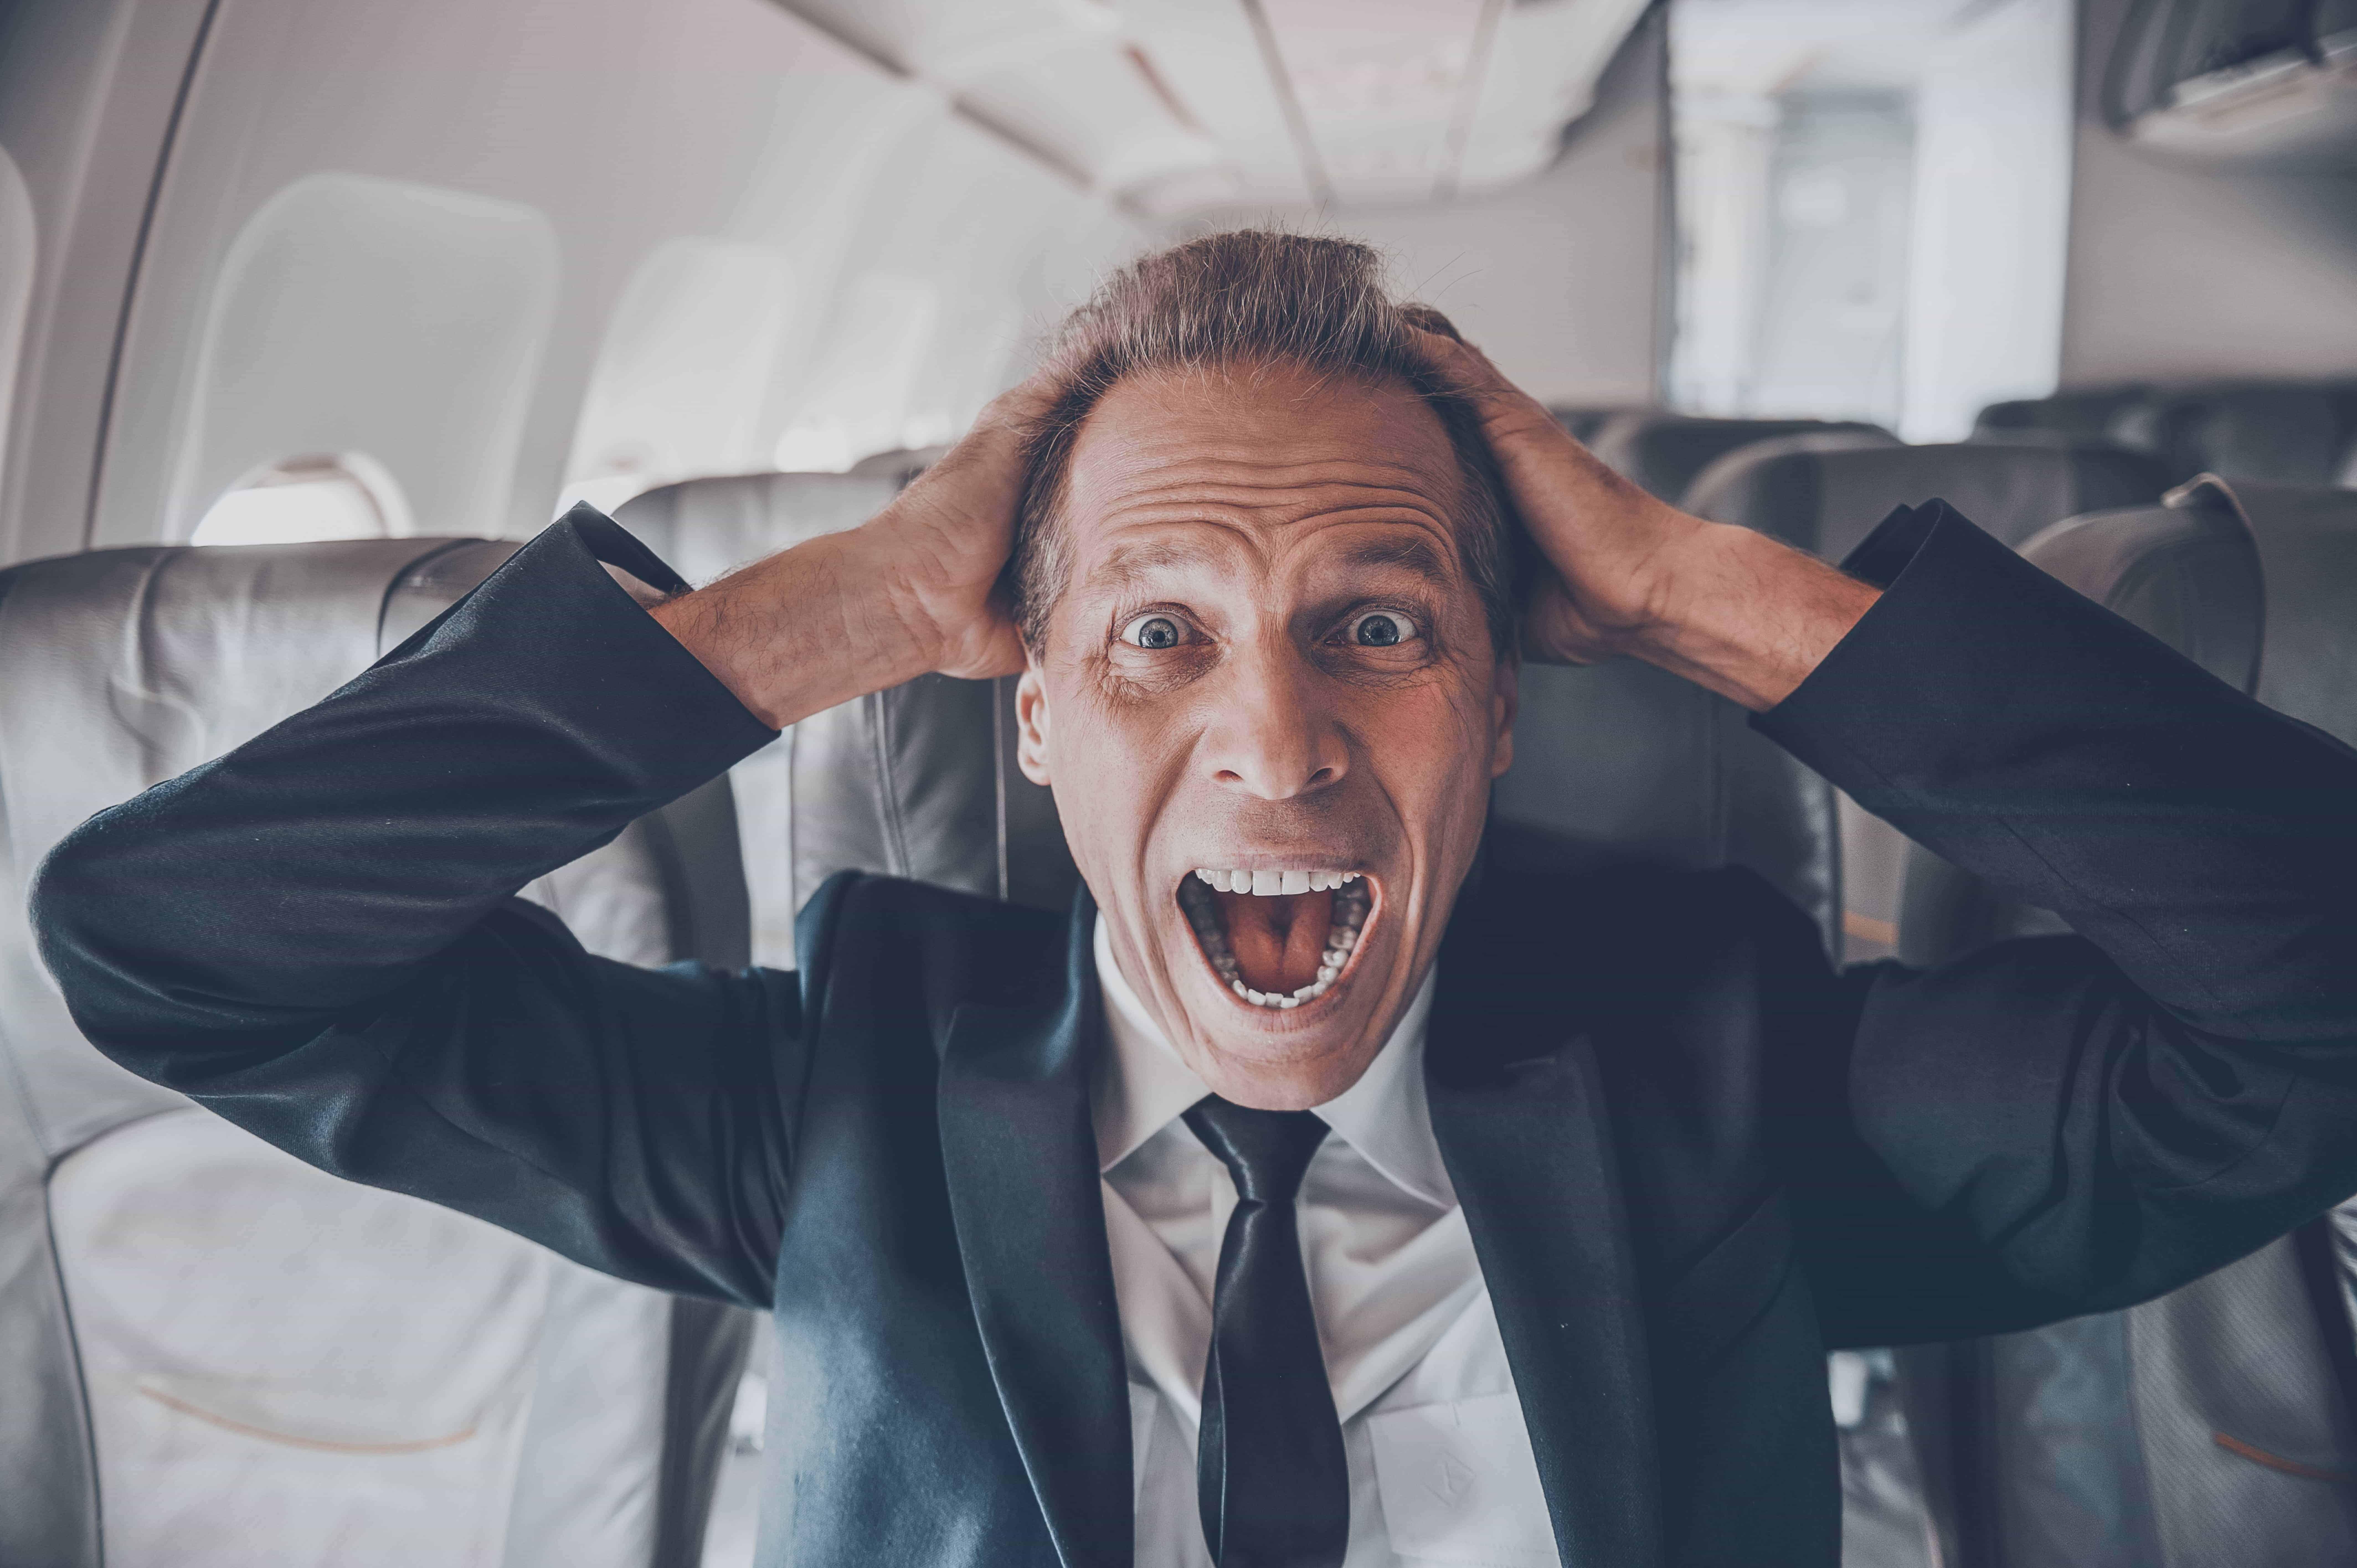 Flugangst | Nicht die Angst vor dem Fliegen macht Dir Angst, sondern die möglichen Konsequenzen | Hypnose hilft Dir